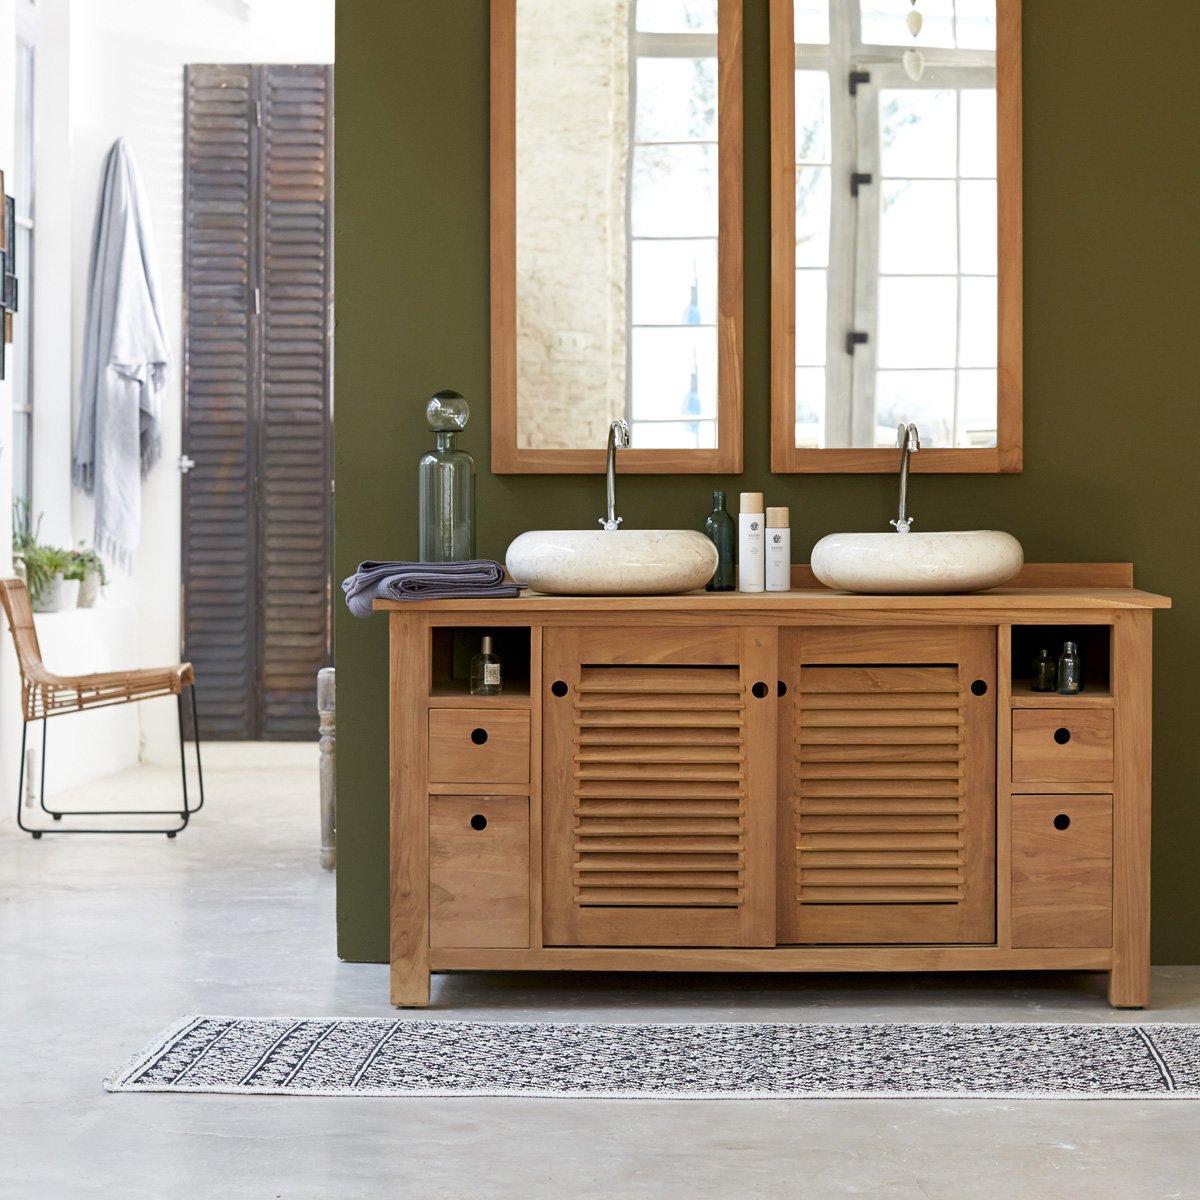 Badmöbel holz günstig  Waschtisch Waschbeckenschrank Badezimmer Unterschrank massiv Holz ...